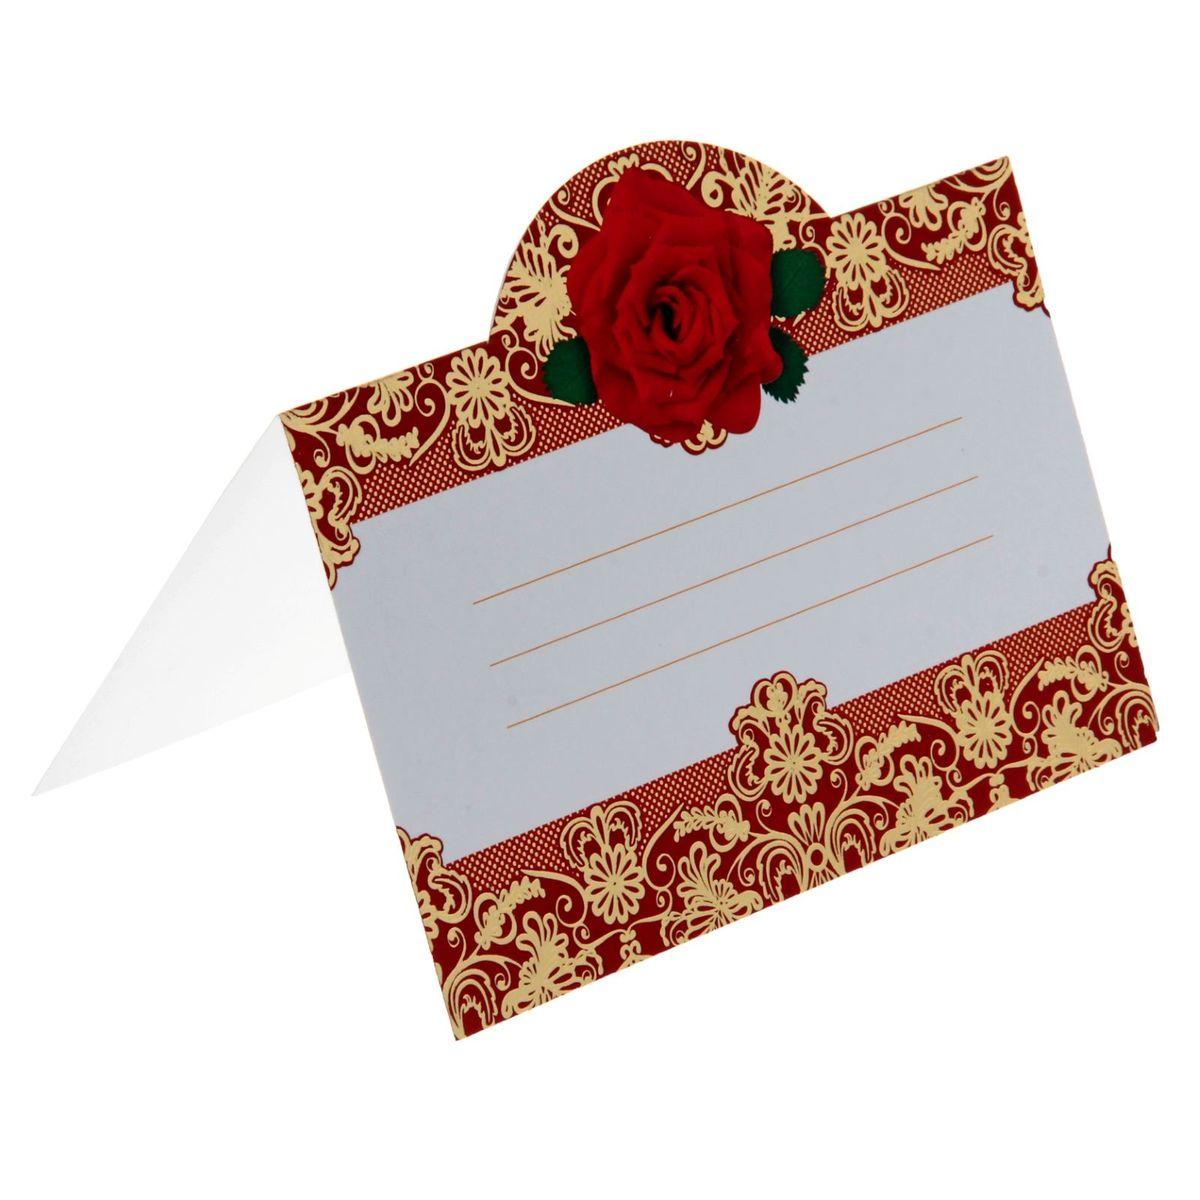 Русский дизайн Банкетная карточка, рисунок - красная роза, цвет красно-золотой801361Красиво оформленный свадебный стол— это эффектное, неординарное и очень значимое обрамление для проведения любого запланированного вами торжества. Банкетная карточка — это красивое и оригинальное украшение зала, которое дополнит выдержанный стиль мероприятия и передаст праздничное настроение вам и вашим гостям.